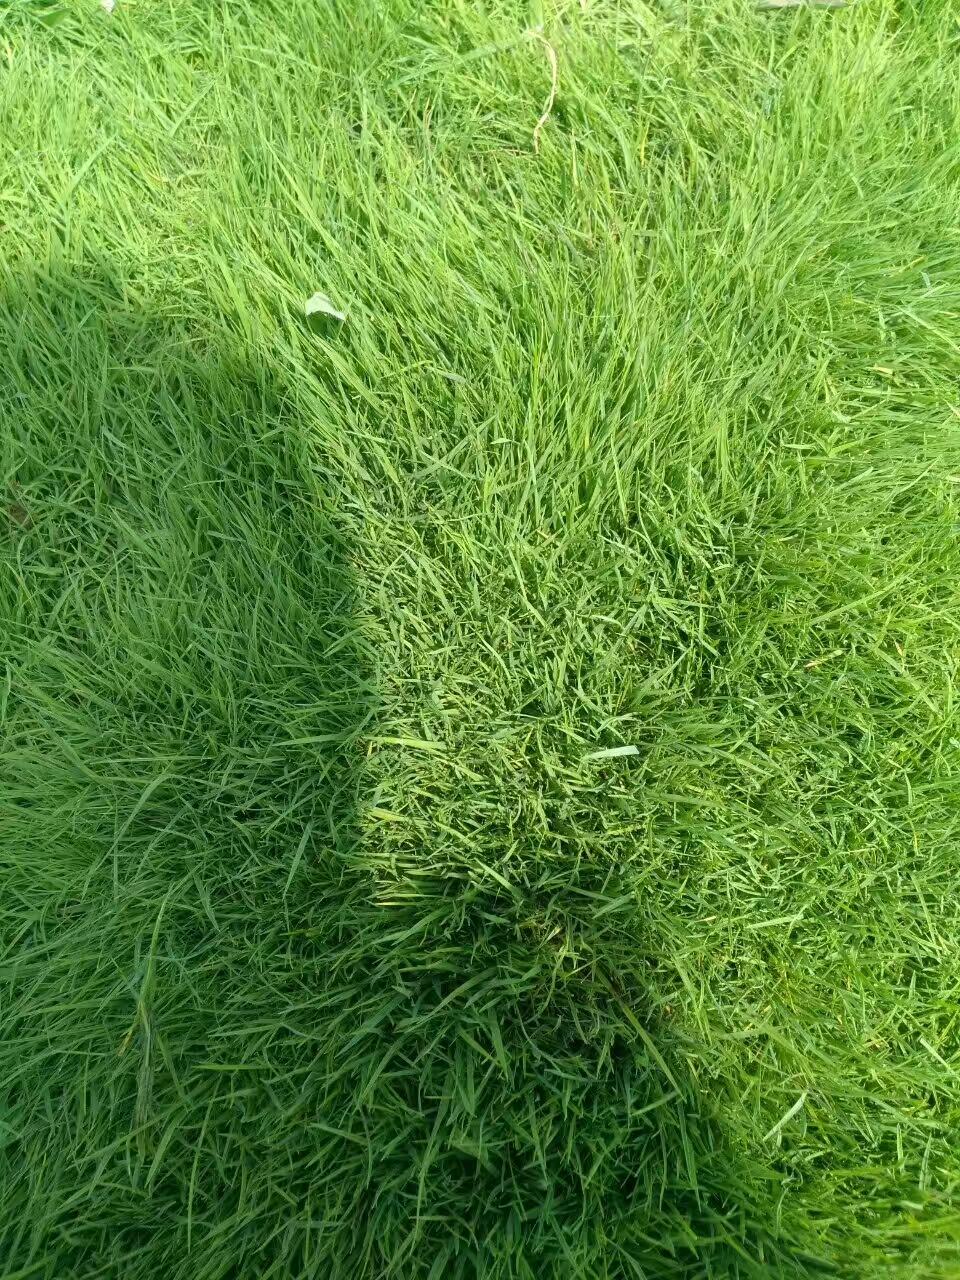 护坡种什么草好 ?